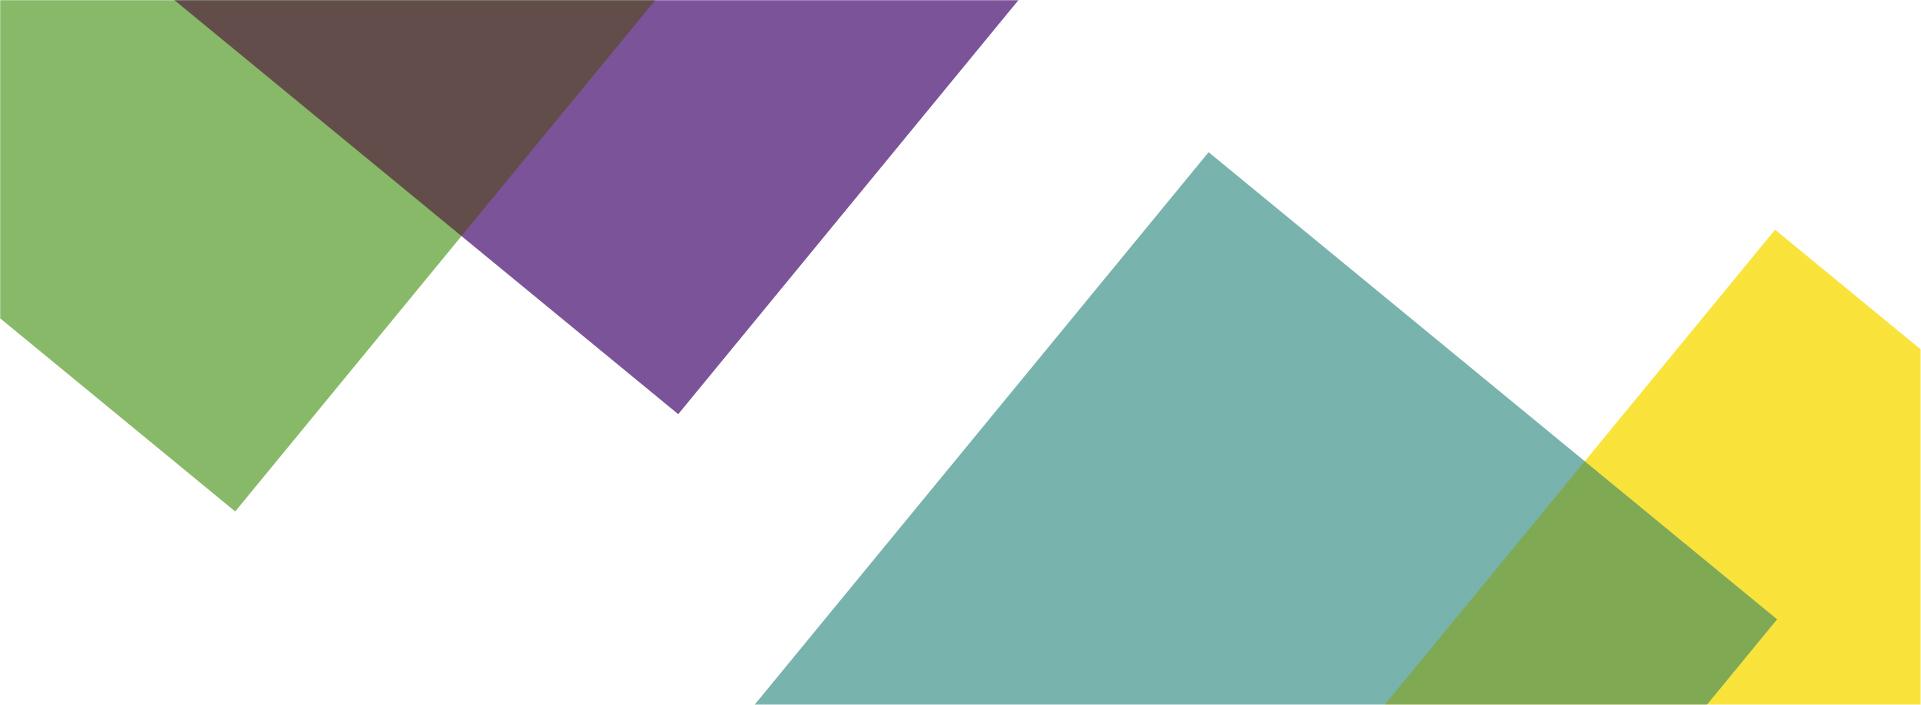 20181022-ICETEX-Creditos-Nuevos-2019-1_Slider